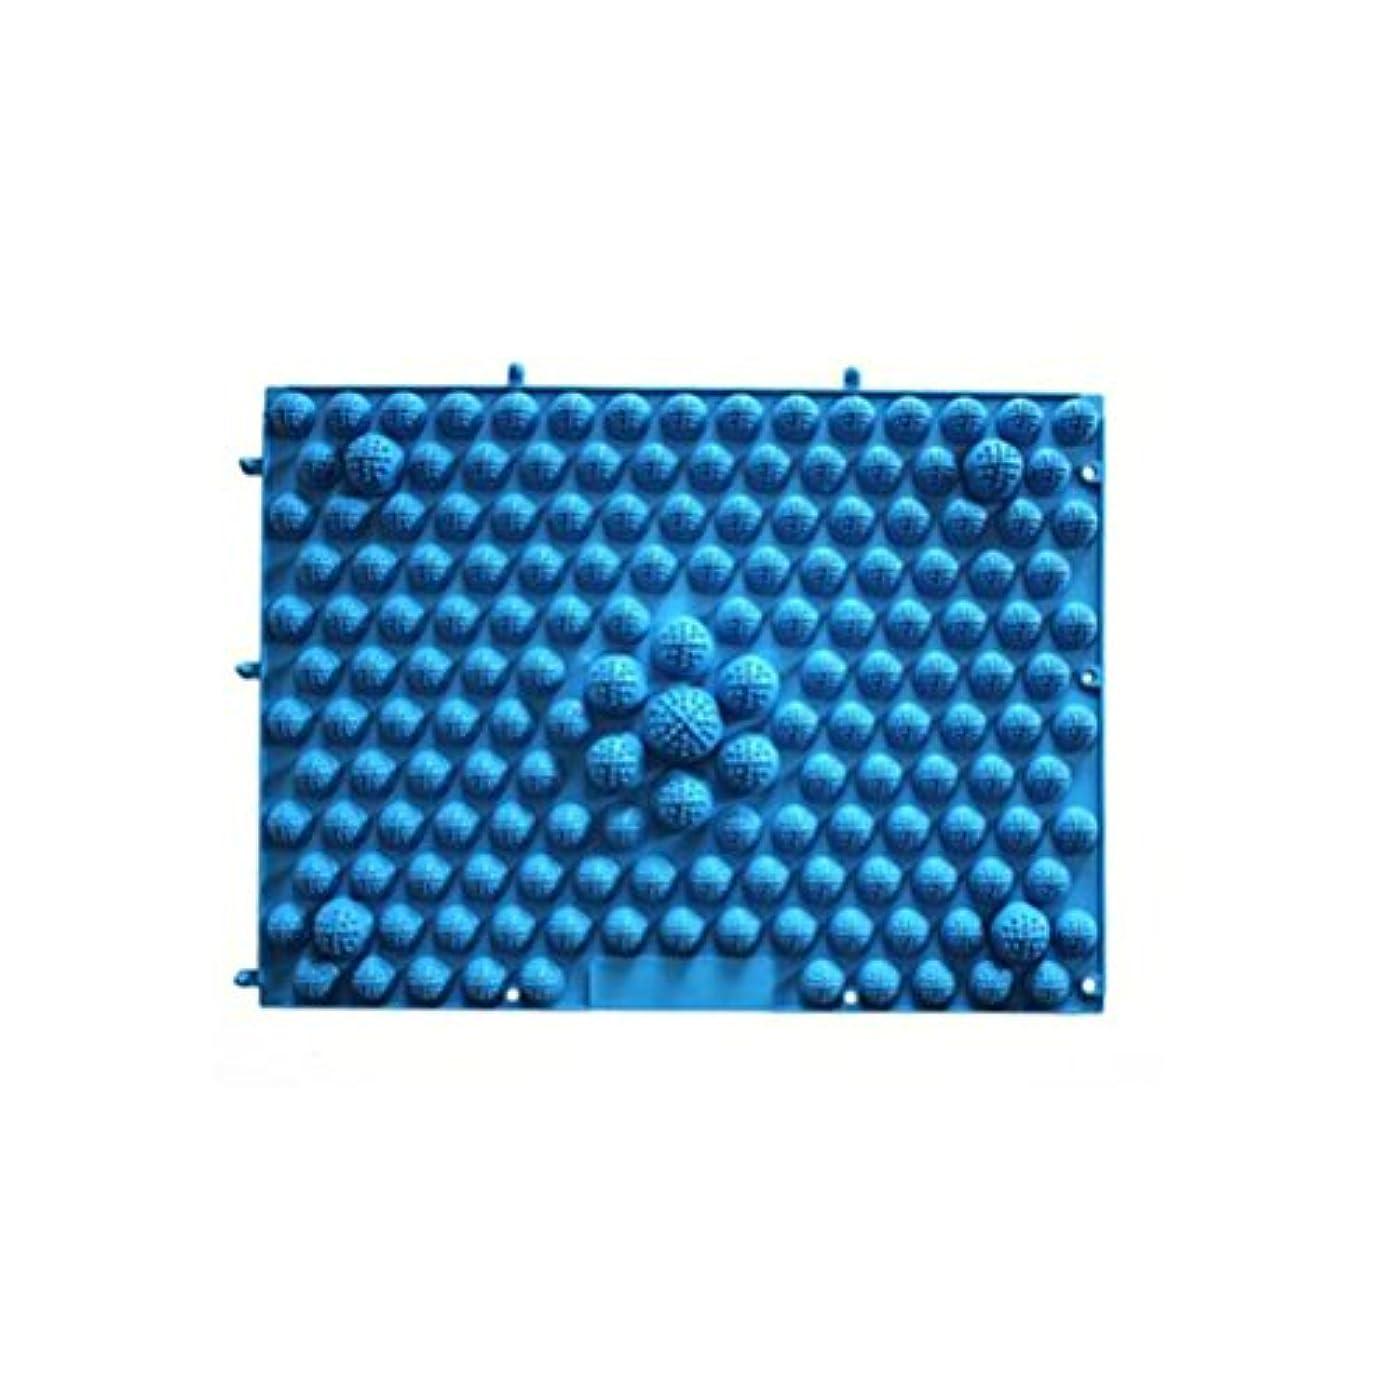 マイクロプロセッサ口期間ROSENICE 足マッサージマット 血液循環指圧マットフィートヘルスケアマッサージプレート(ブルー)